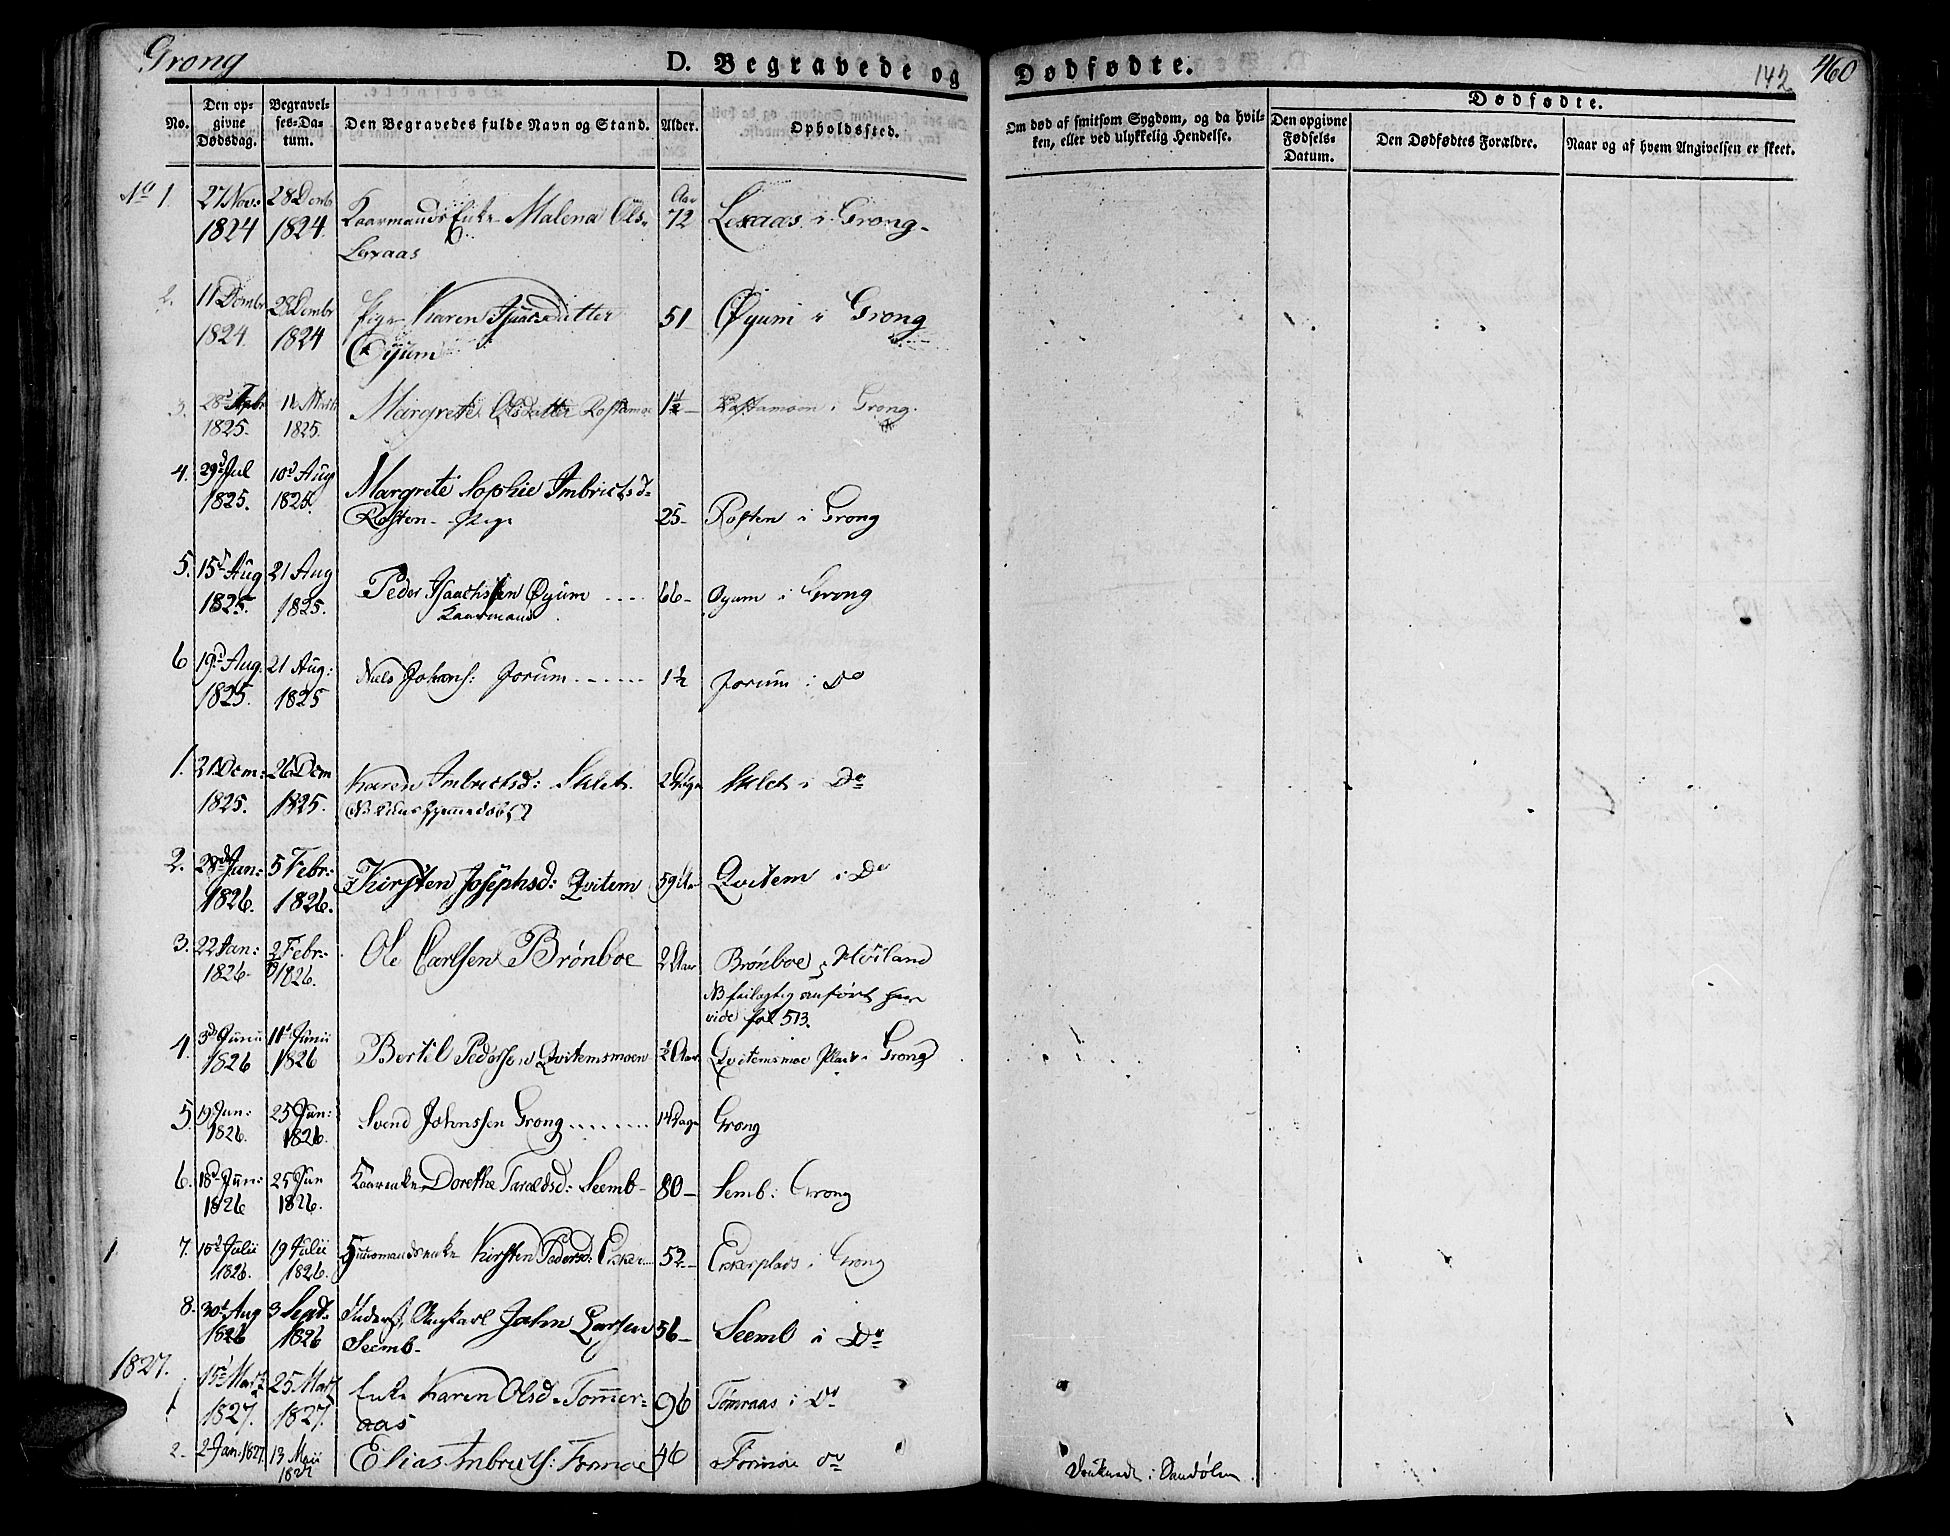 SAT, Ministerialprotokoller, klokkerbøker og fødselsregistre - Nord-Trøndelag, 758/L0510: Ministerialbok nr. 758A01 /1, 1821-1841, s. 142